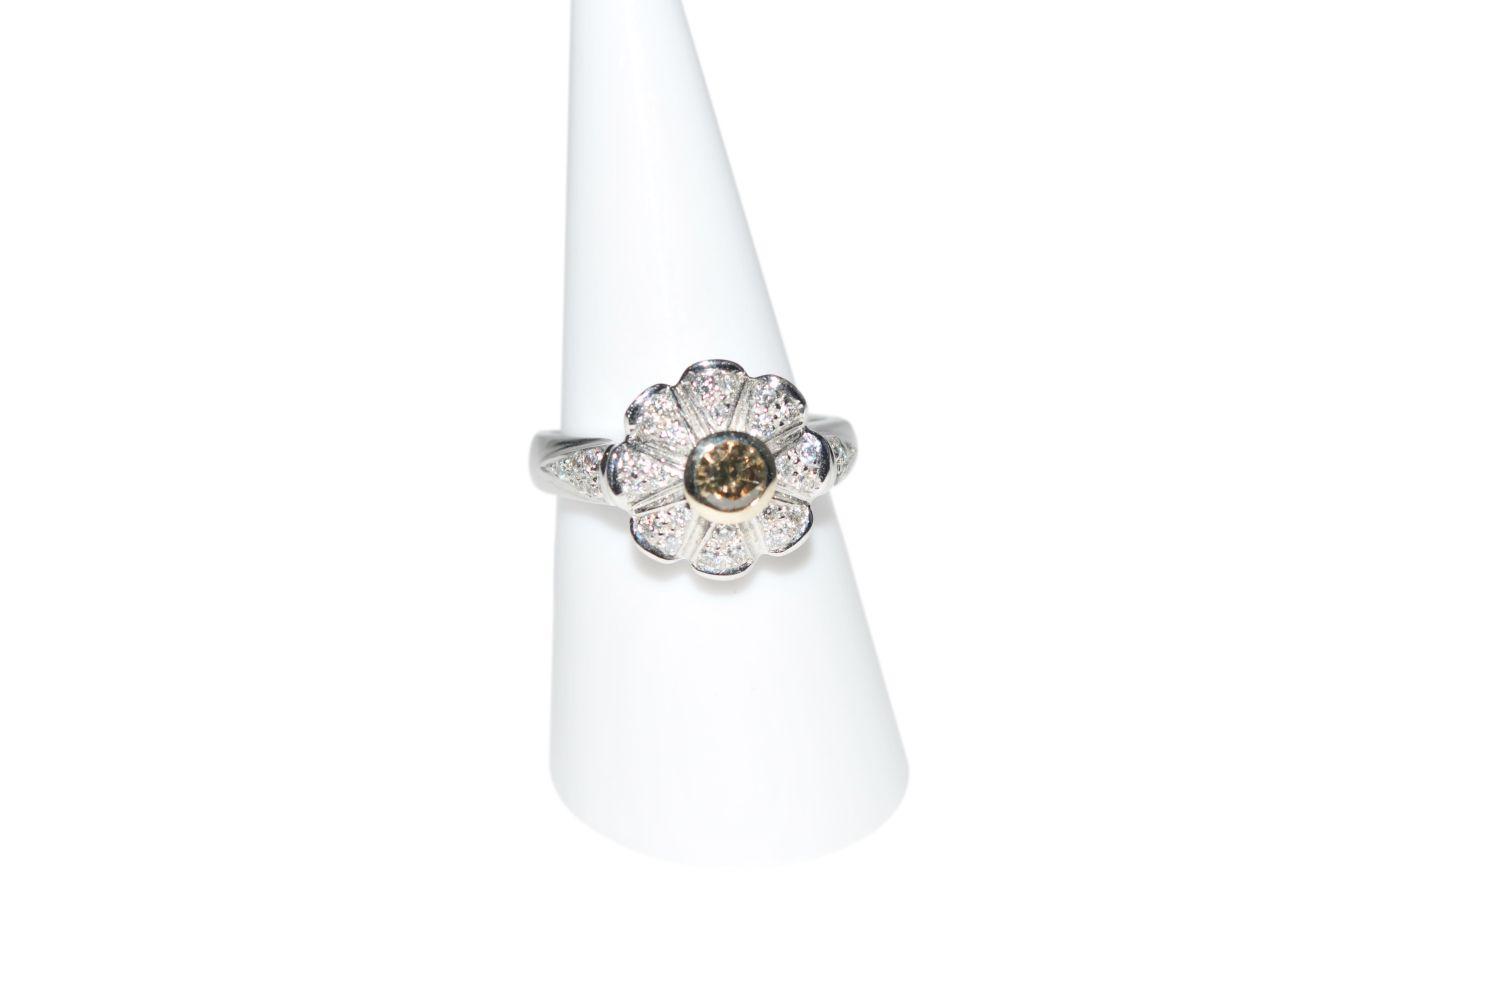 #92 Diamond ring | Diamantring Image